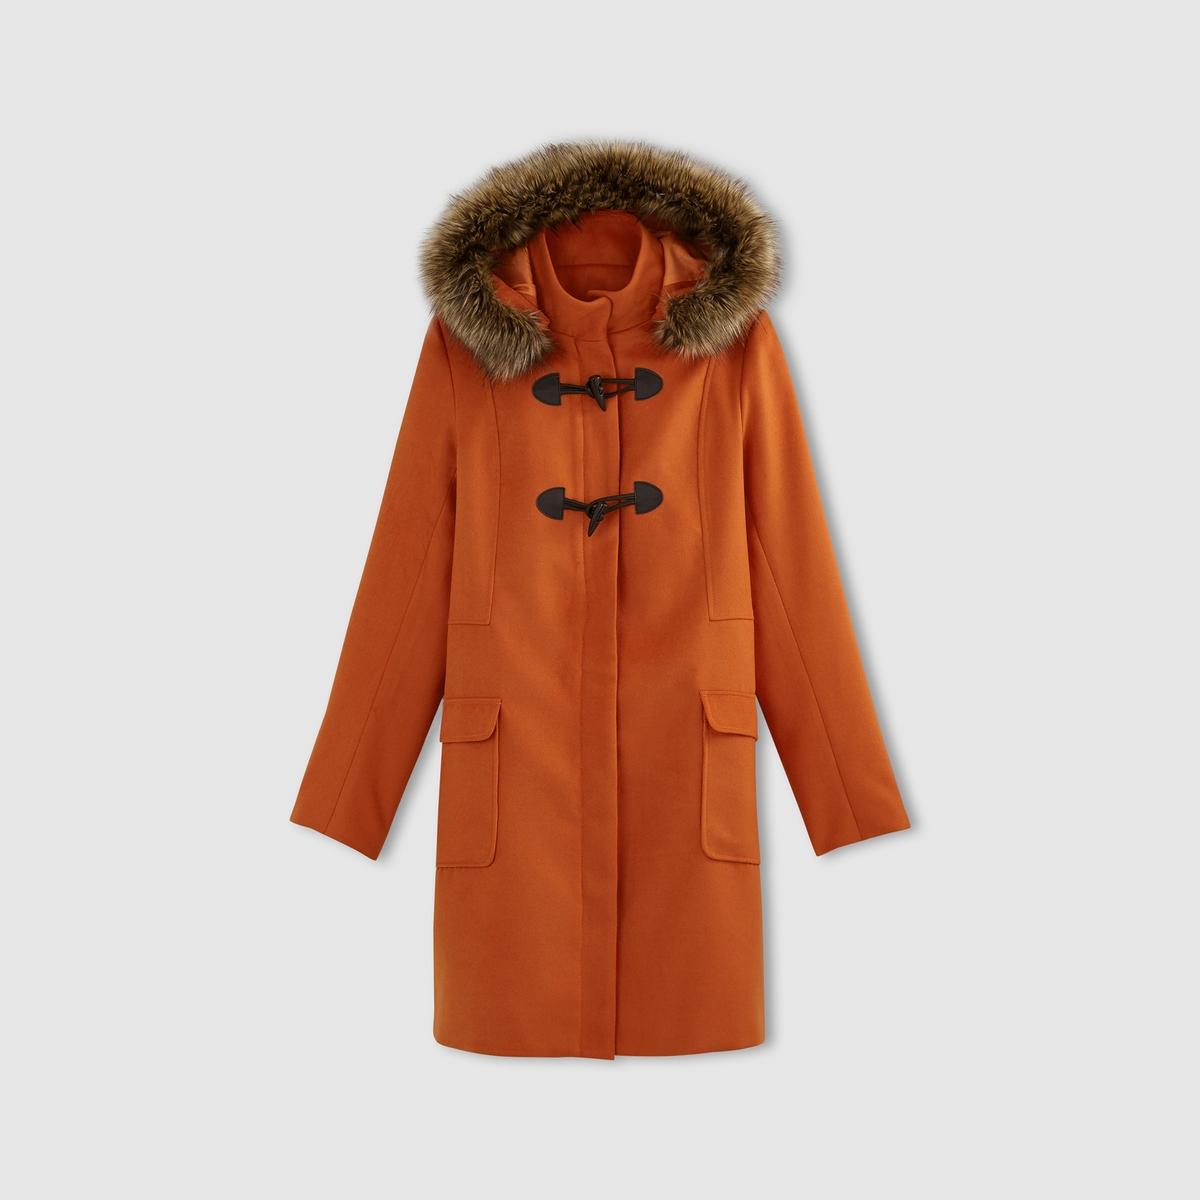 Короткое пальто с капюшономСостав и описаниеМатериал              88% полиэстера, 10% вискозы, 2% эластанаПодкладка           100% полиэстер  Искусственный мех 80% акрила 20% полиэстера Длина          92 смМарка:  R ?dition.  УходСухая чистка или машинная стирка при 30° (с одеждой подобного цвета) - Не отбеливать - Не гладить -Барабанная сушка запрещена<br><br>Цвет: бордовый,оранжевый,синий морской,черный<br>Размер: 40 (FR) - 46 (RUS).36 (FR) - 42 (RUS).40 (FR) - 46 (RUS).42 (FR) - 48 (RUS).40 (FR) - 46 (RUS).38 (FR) - 44 (RUS).38 (FR) - 44 (RUS)